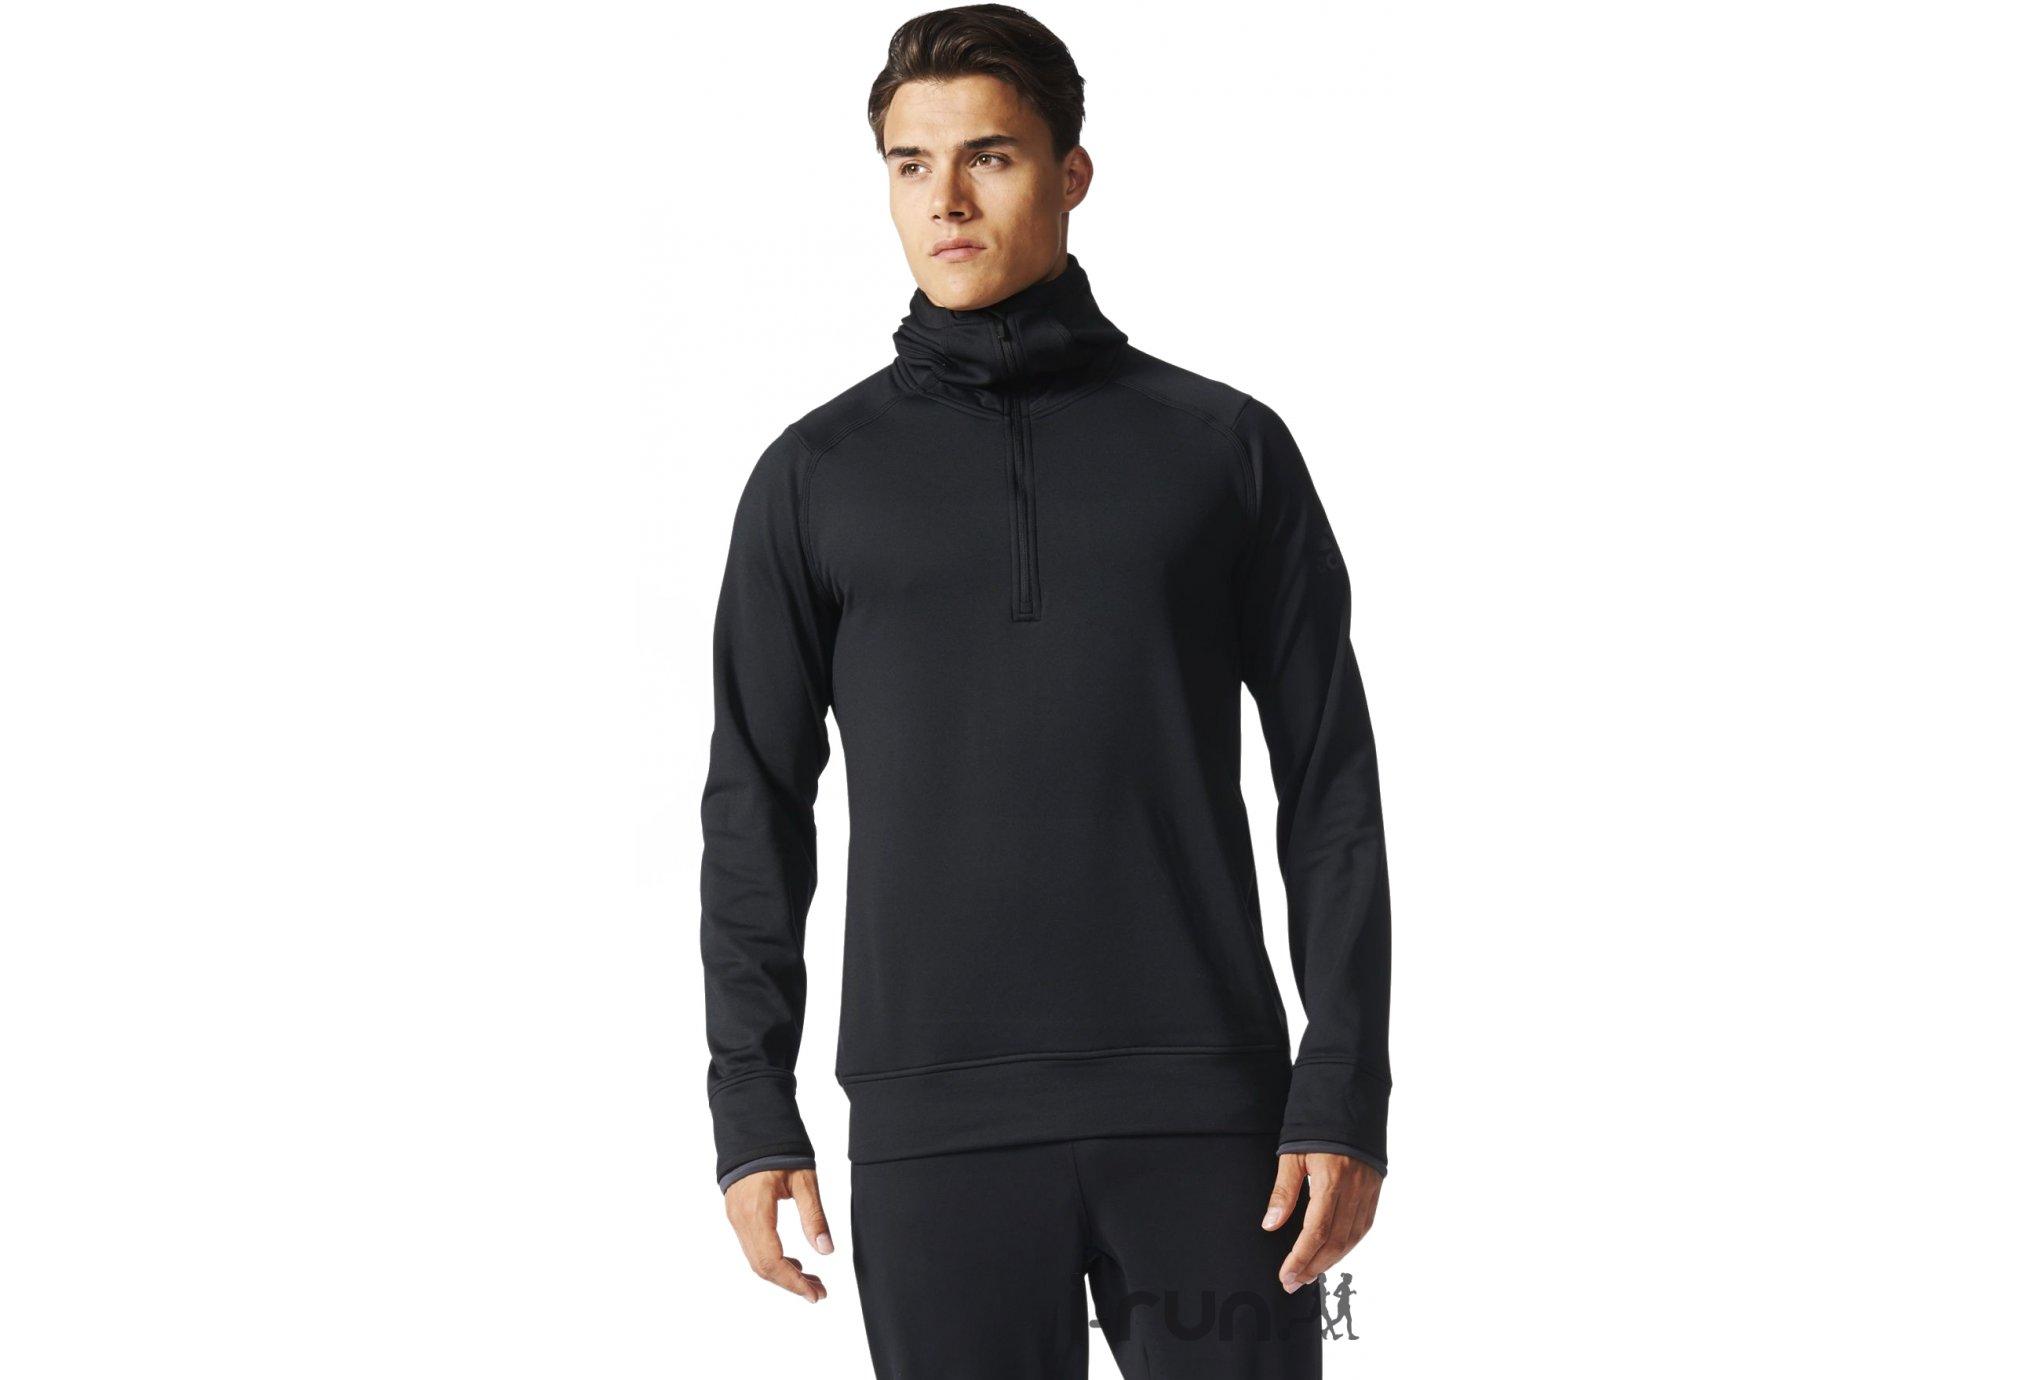 Adidas Climaheat hz hoodie m diététique vêtements homme